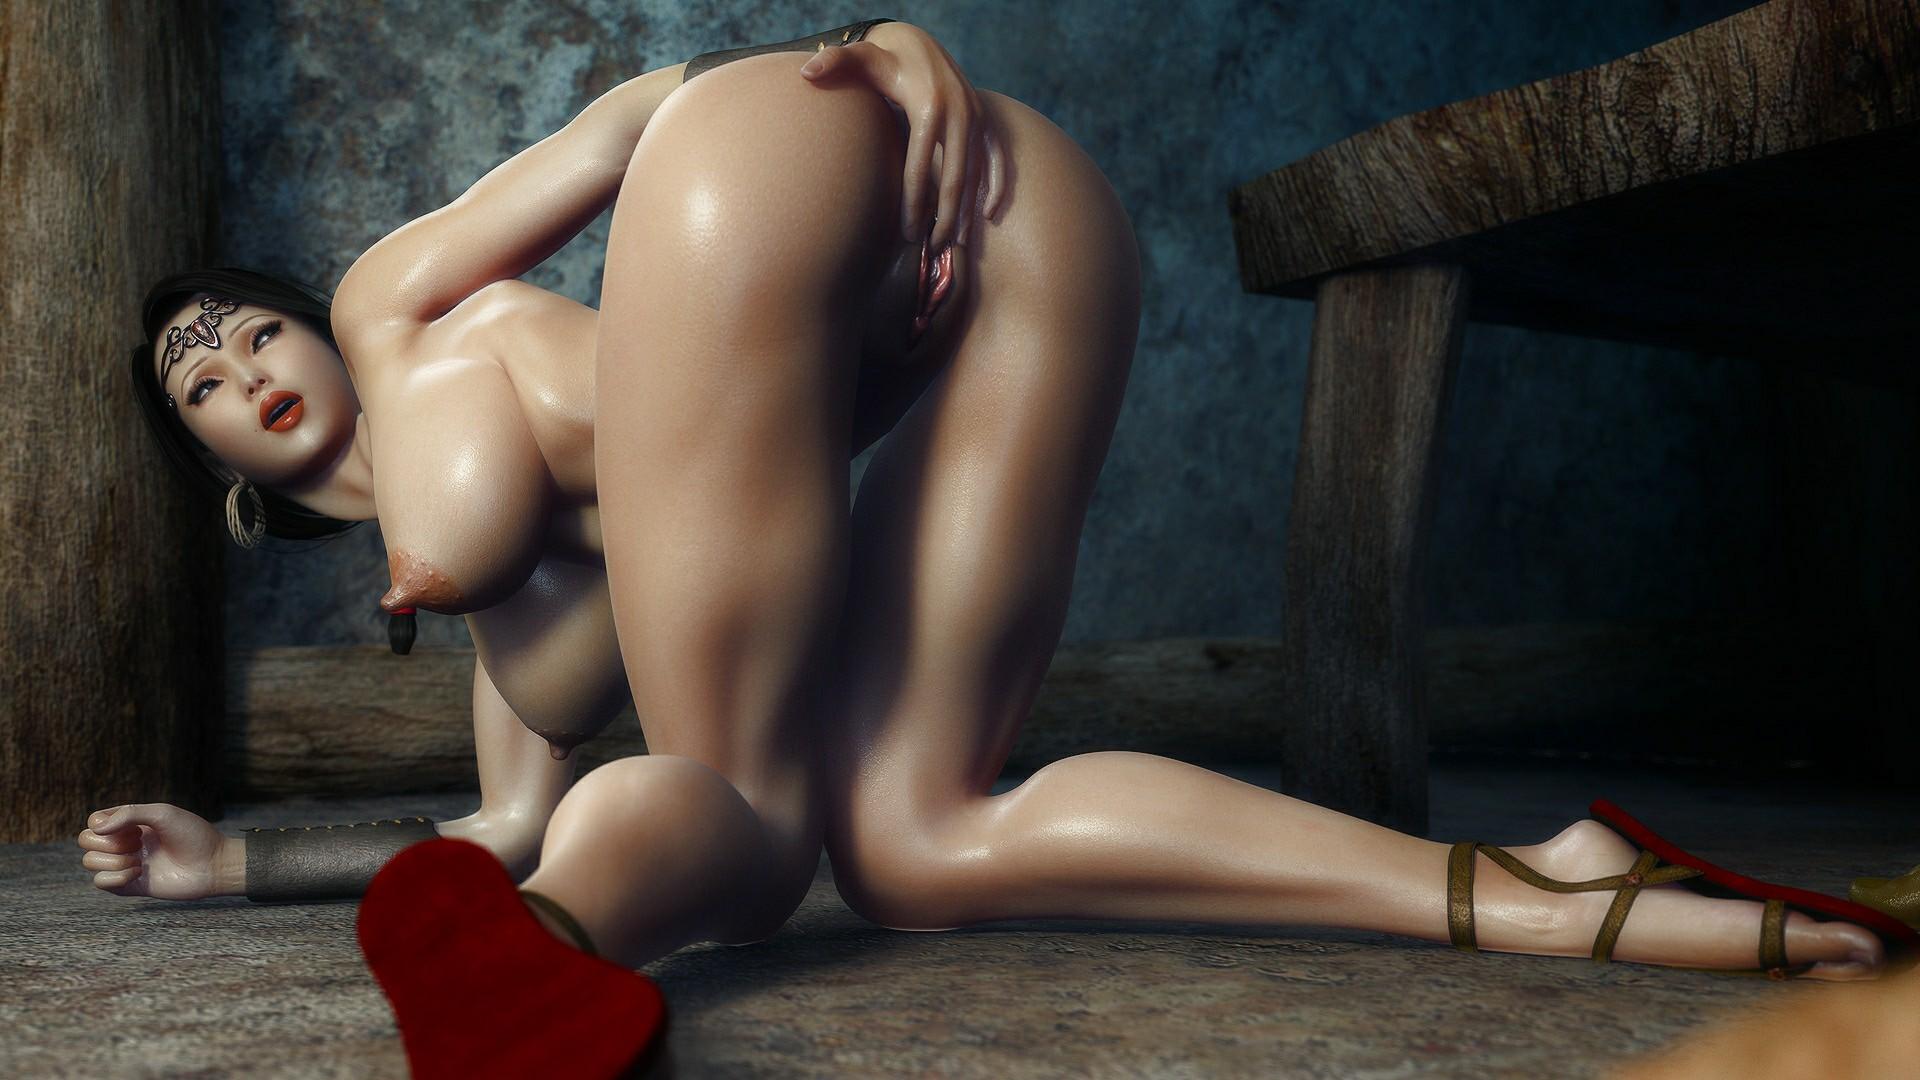 игры голая женщина трахается - 7